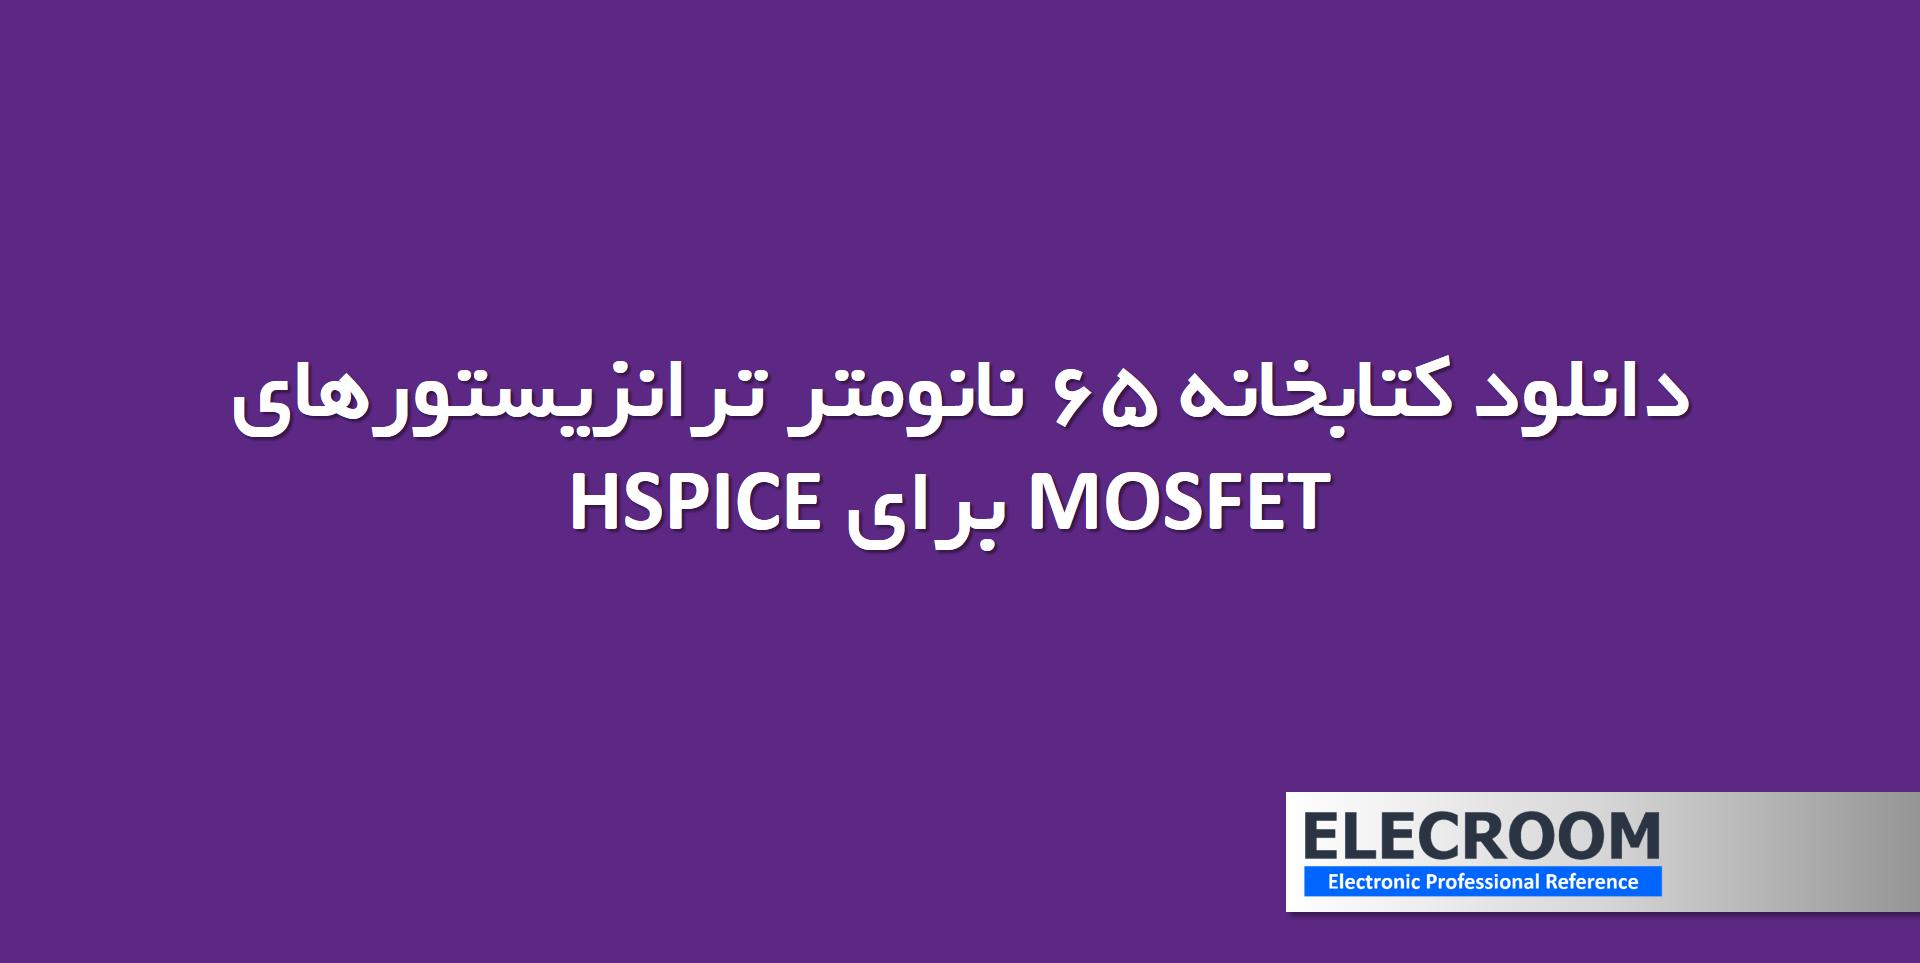 دانلود کتابخانه 65 نانومتر MOSFET برای HSPICE